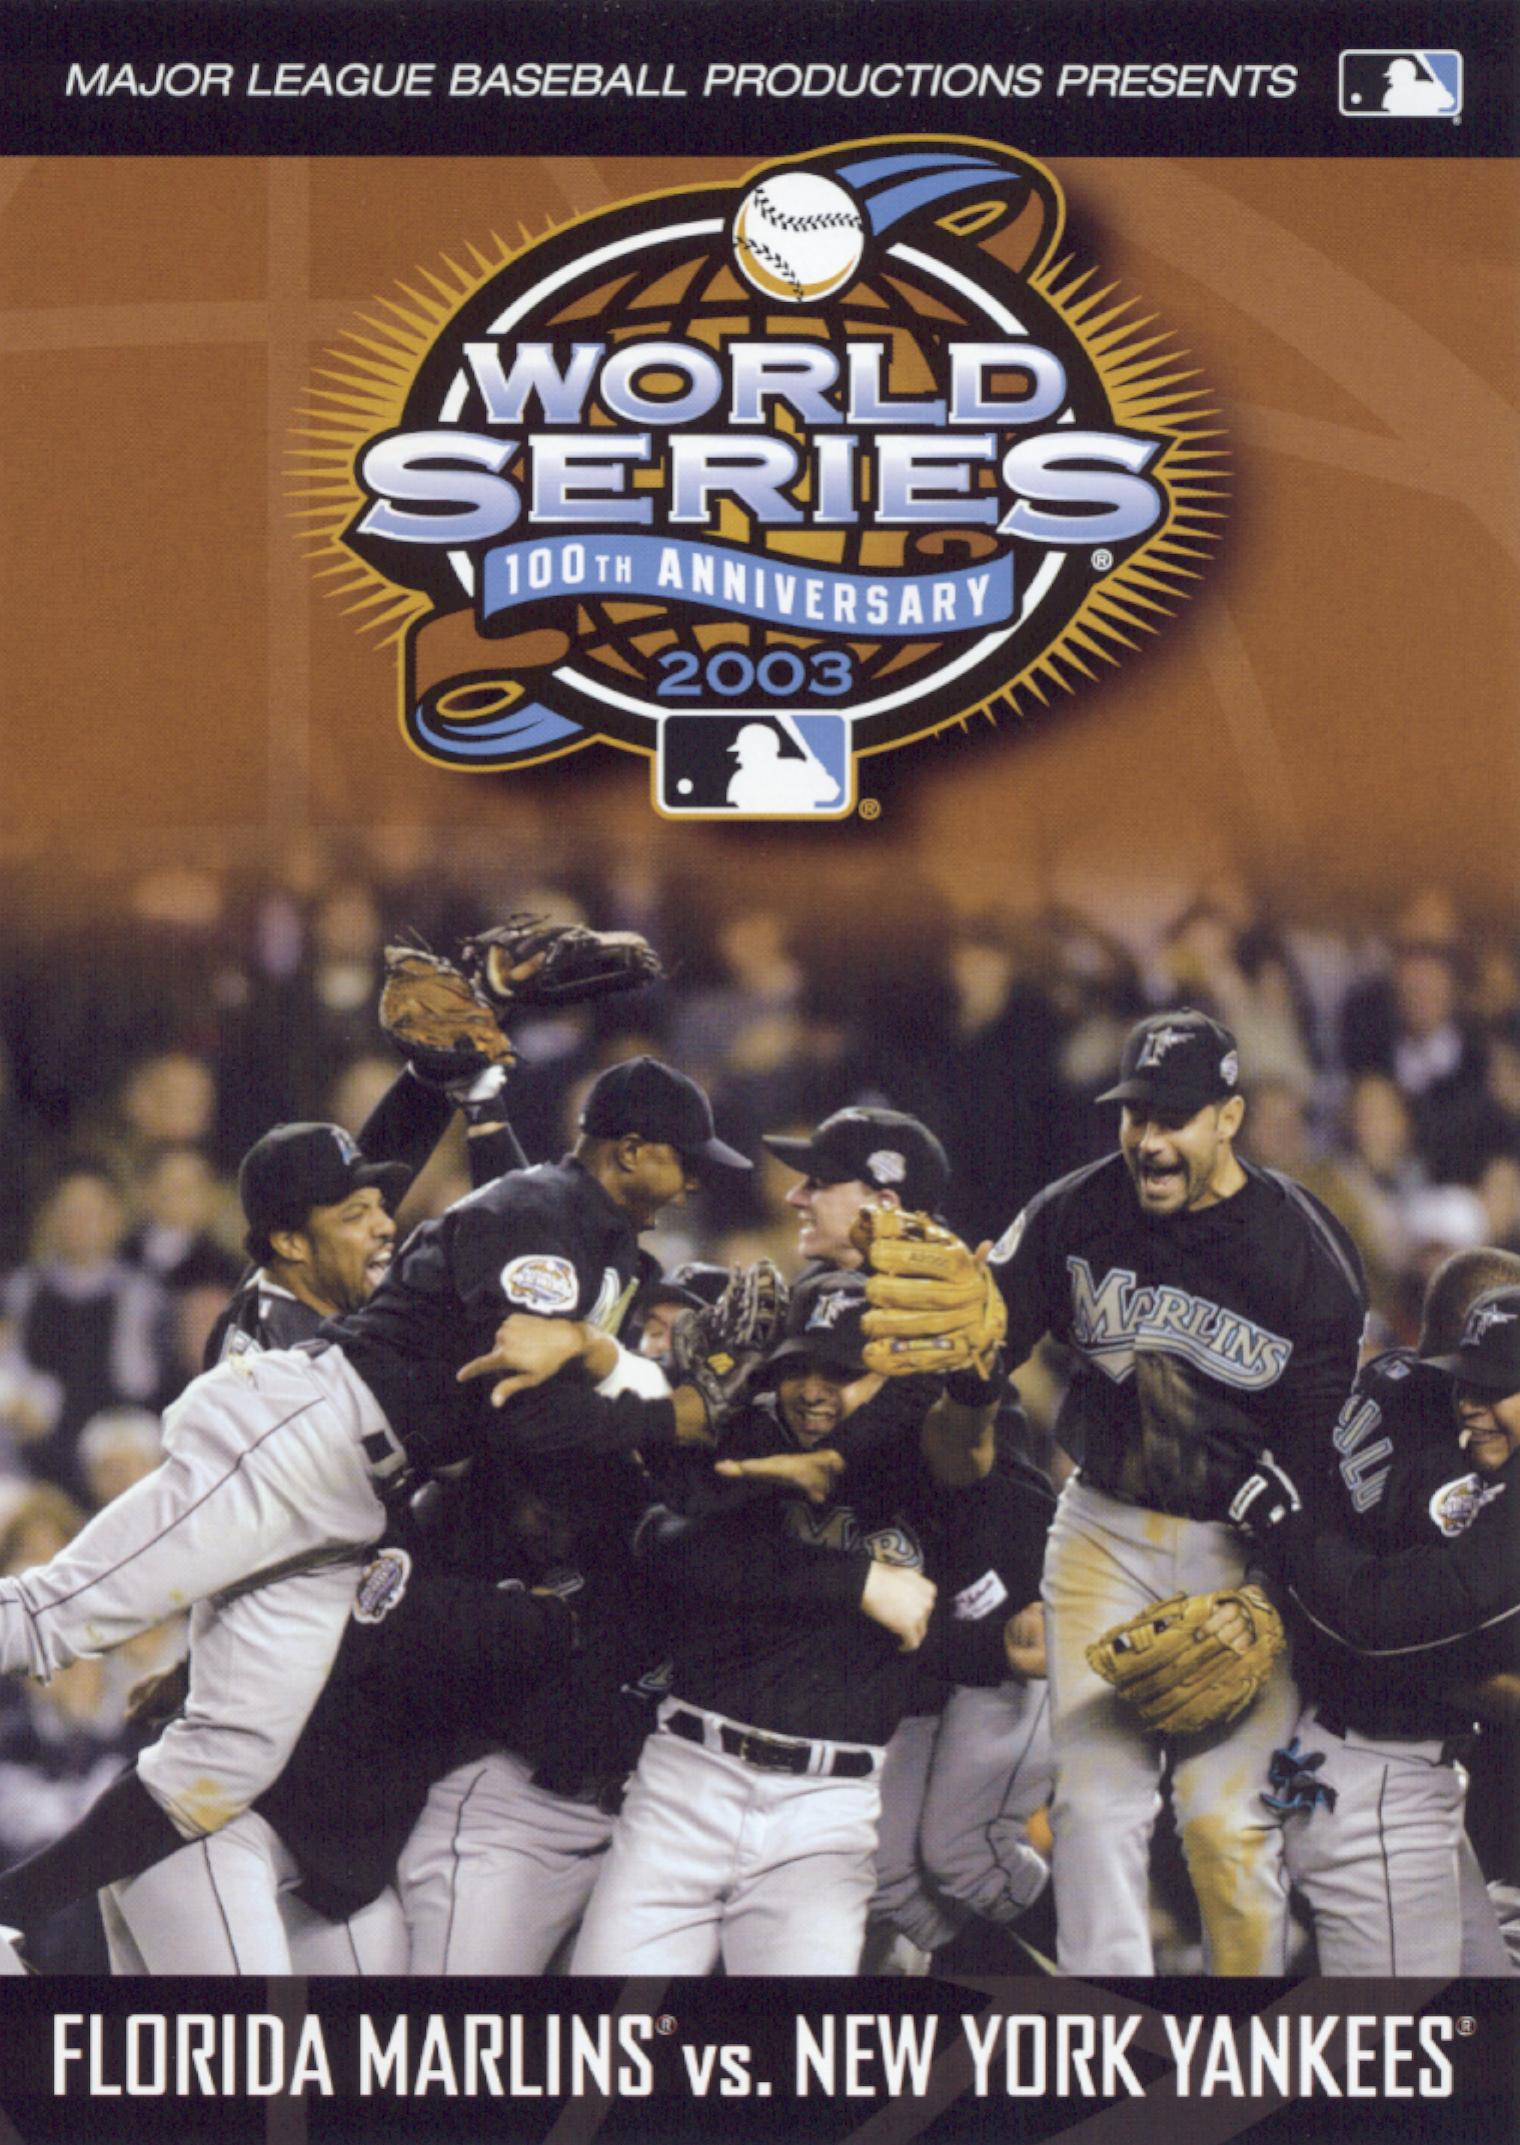 MLB: 2003 World Series - Florida Marlins vs. New York Yankees